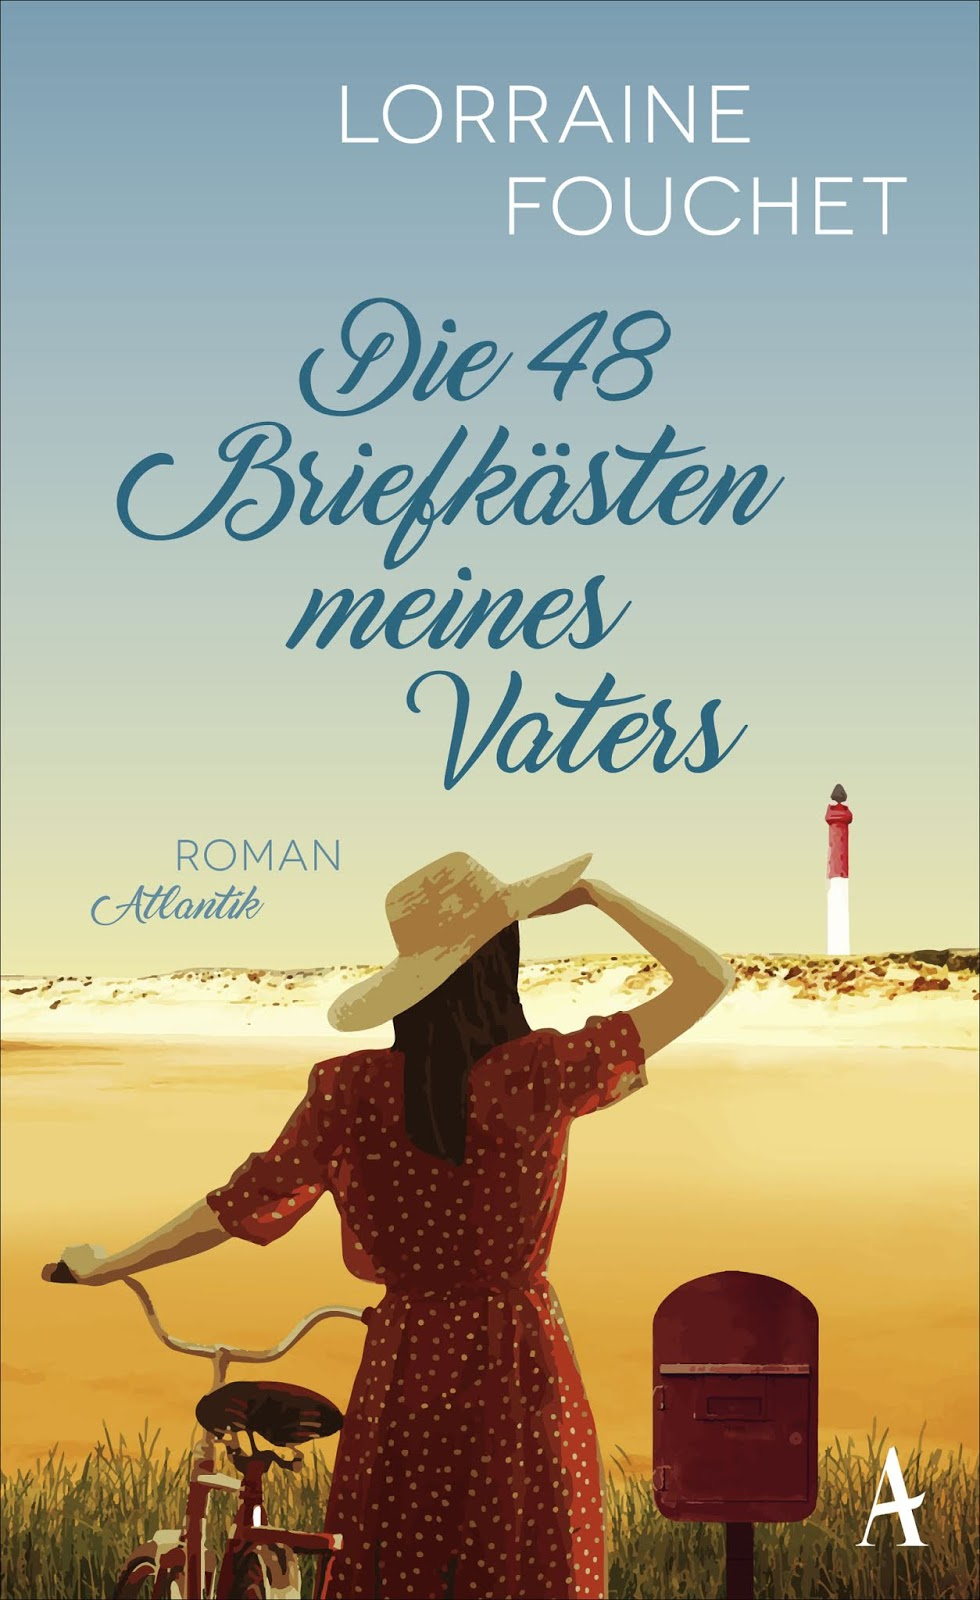 Bucher In Meiner Hand Die 48 Briefkasten Meines Vaters Von